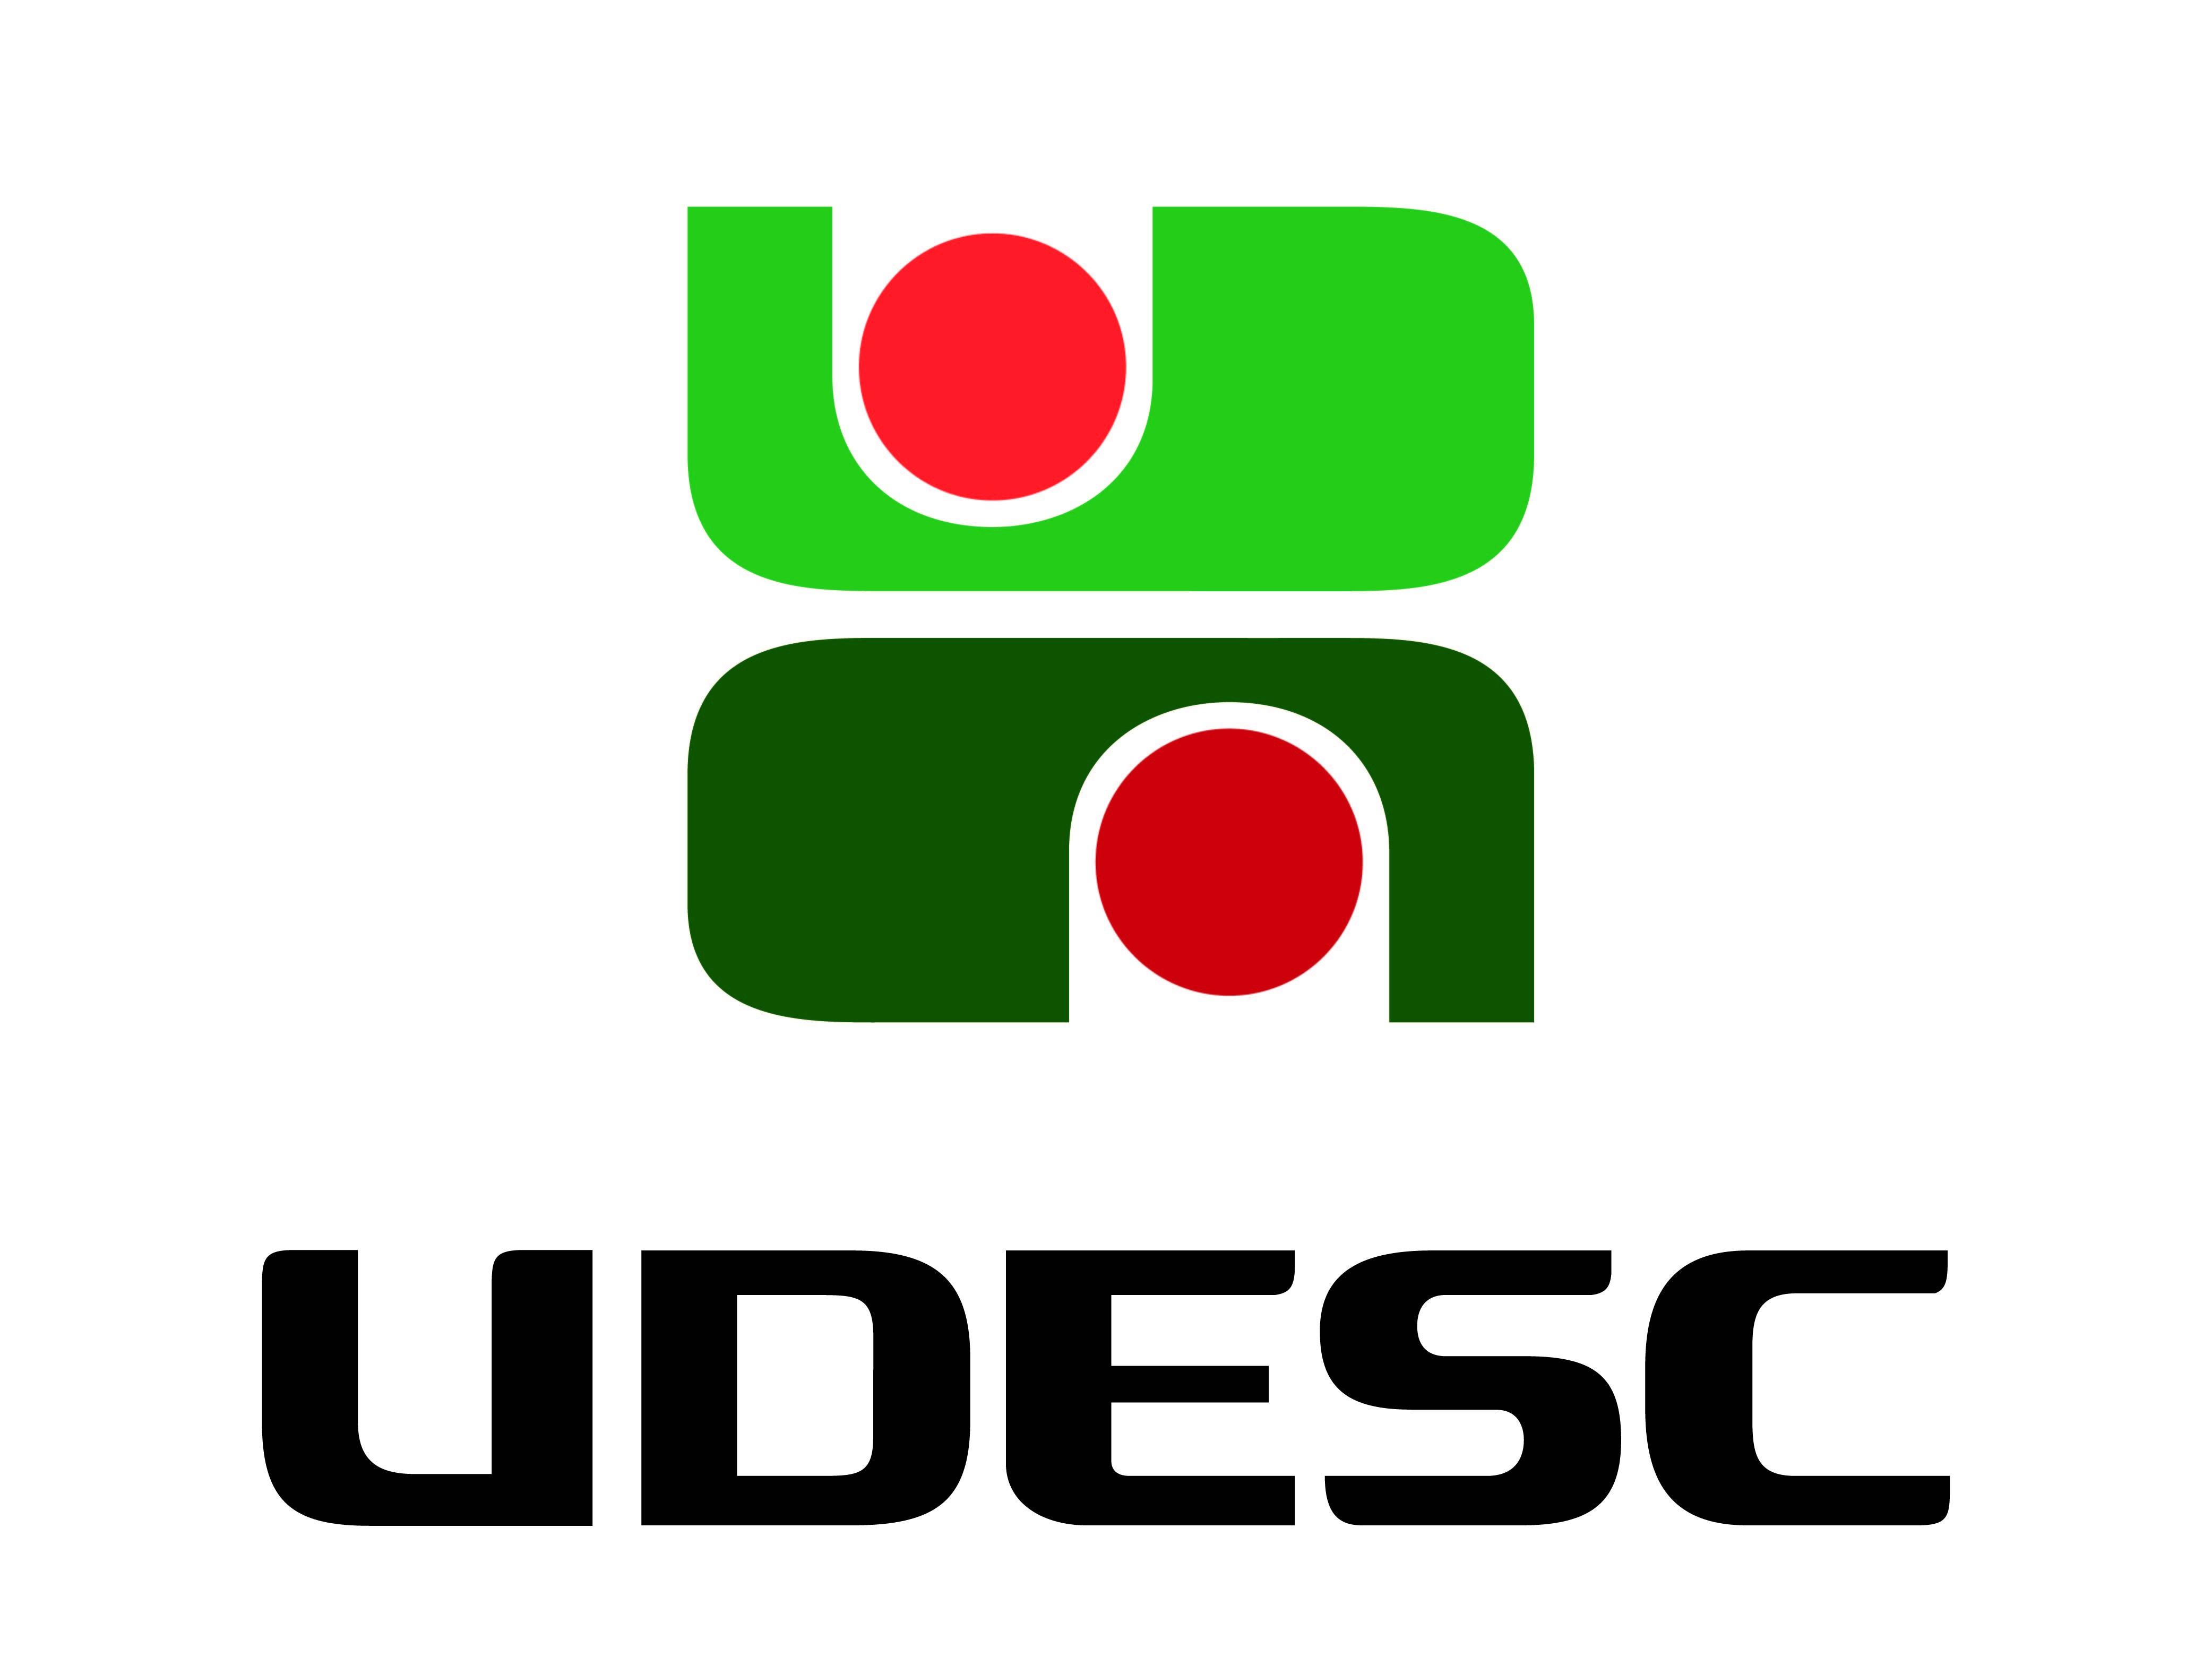 logo da UDESC - Universidade do Estado de Santa Catarina.